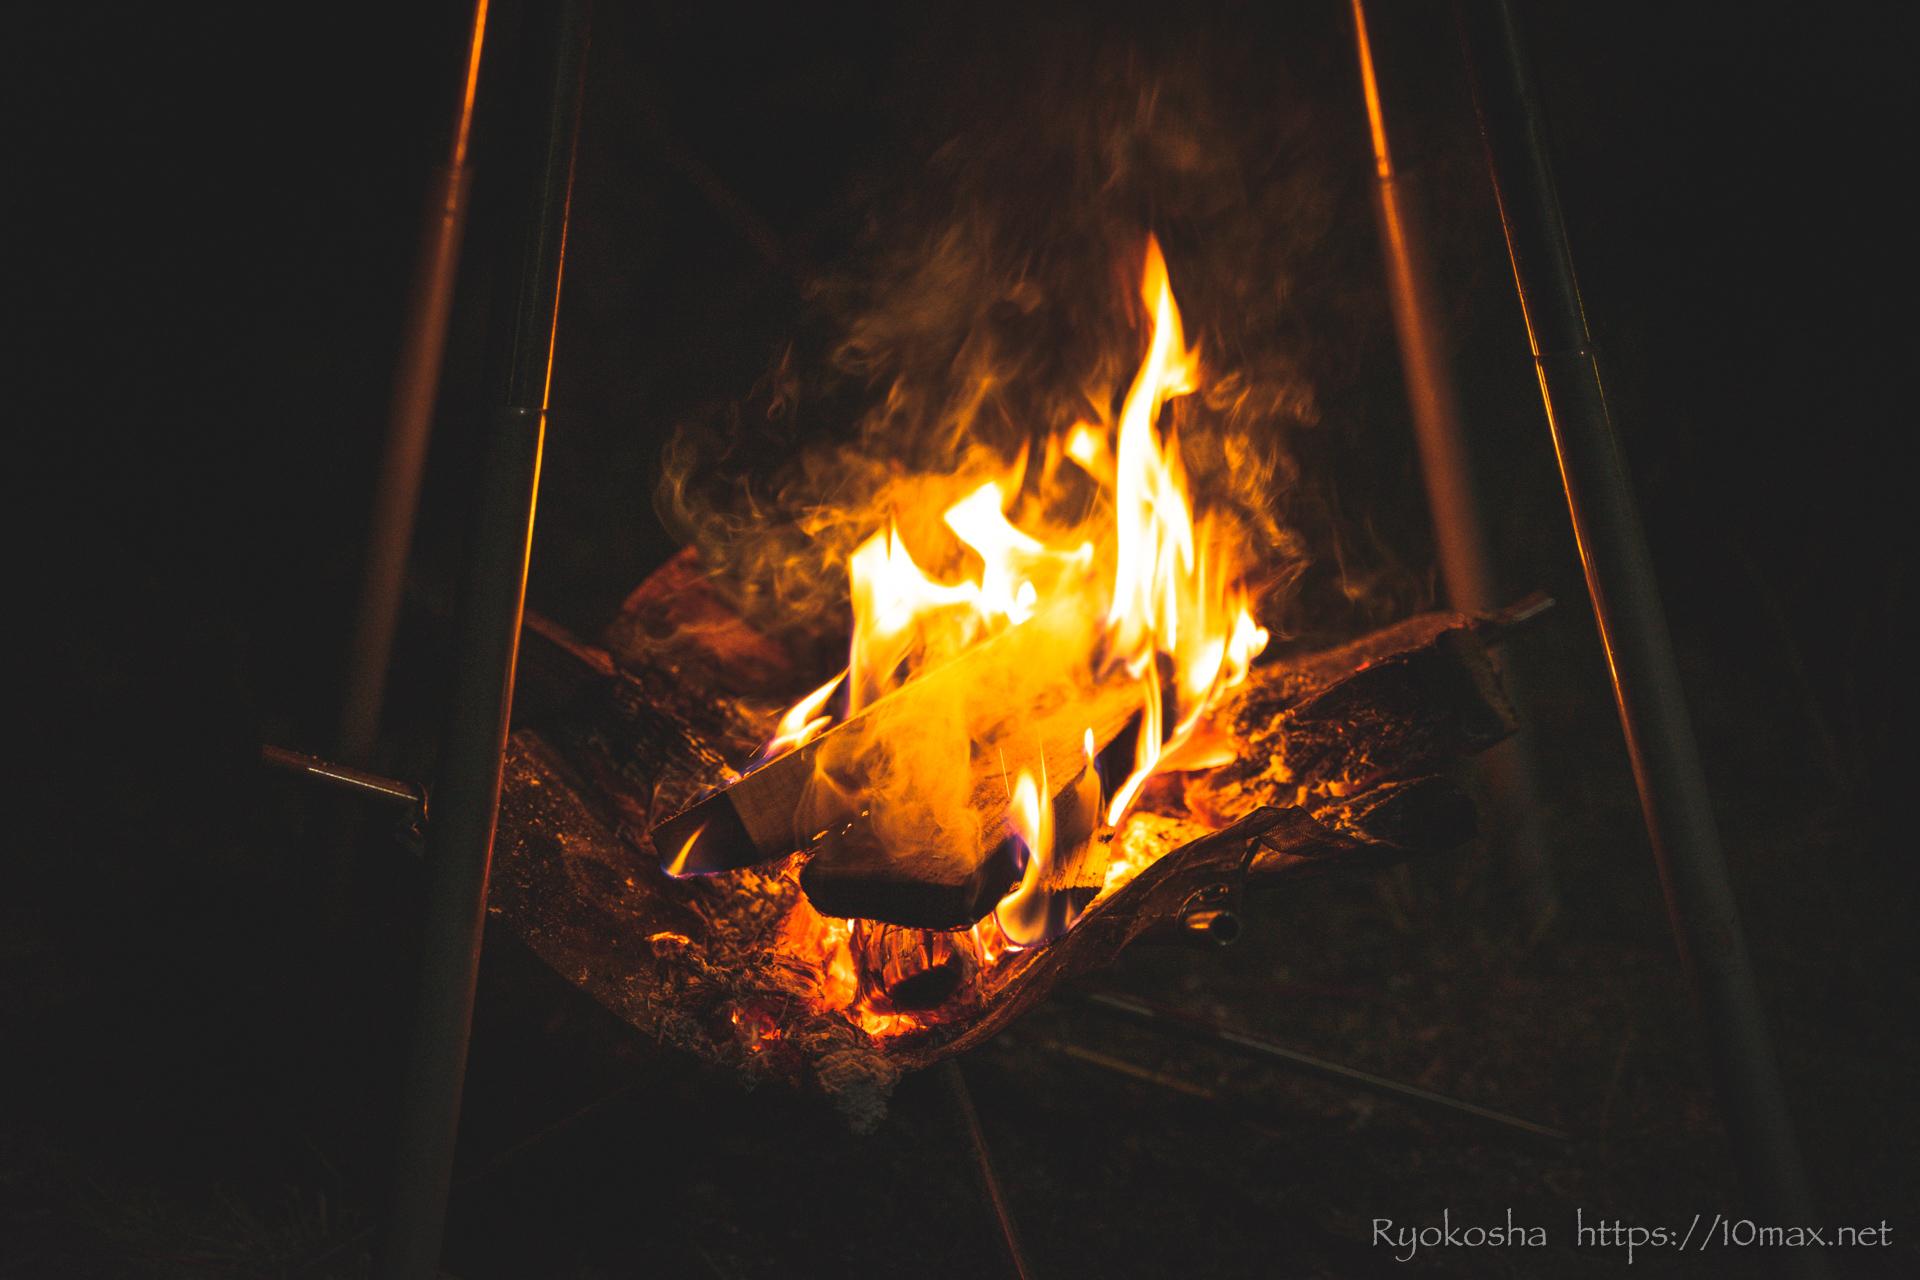 上小川キャンプ場 キャンプレポ 焚き火